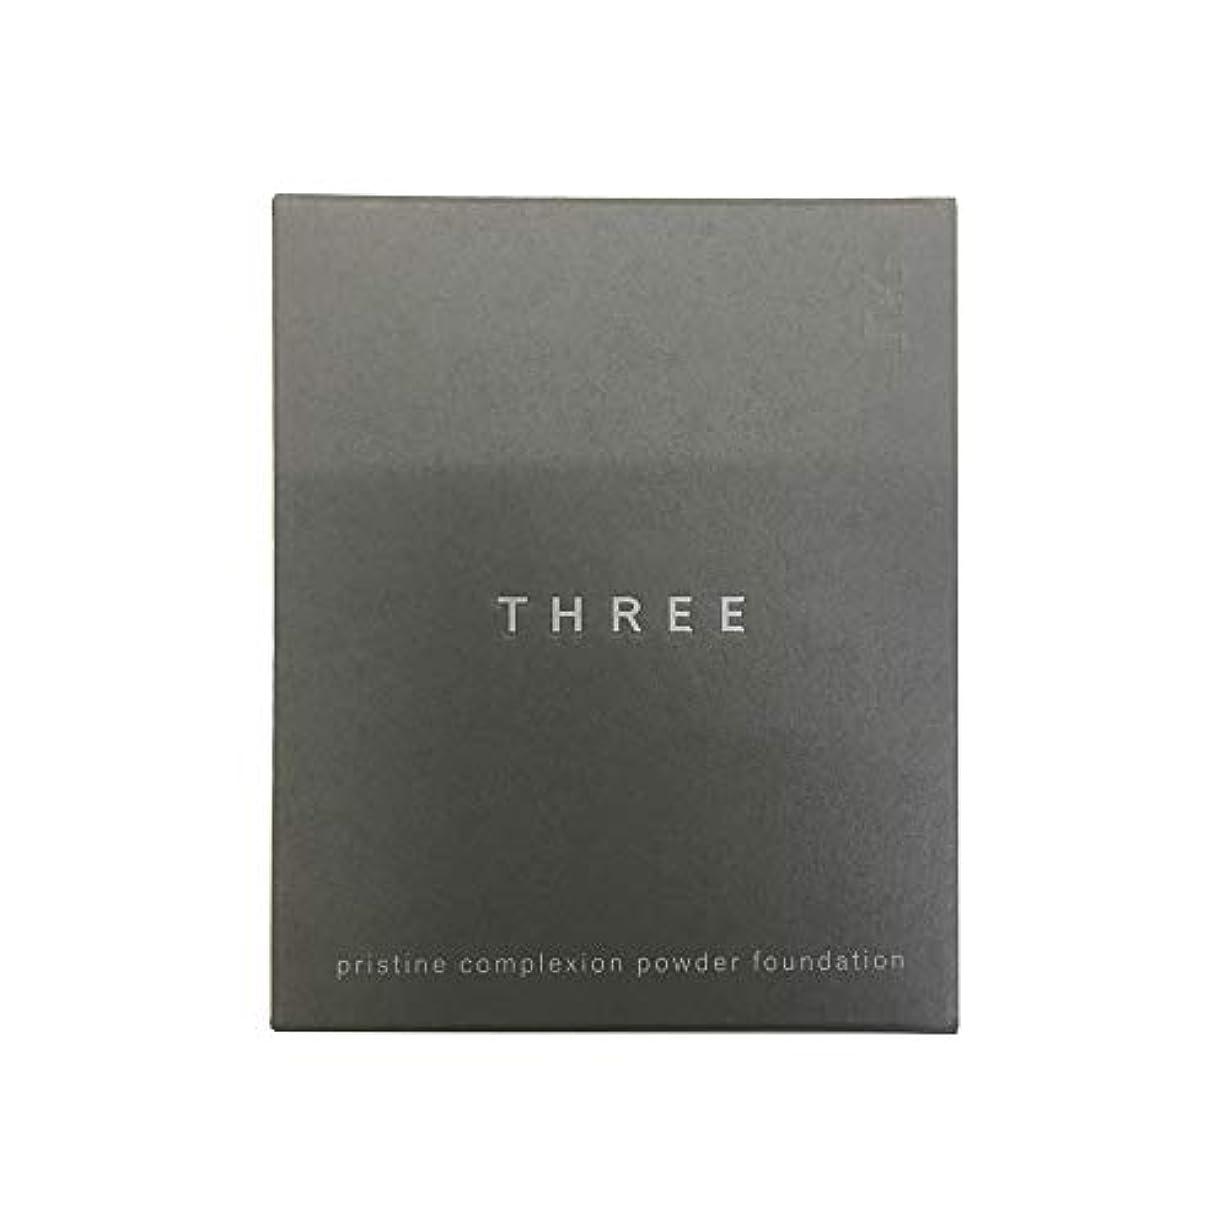 干渉ハンカチ食器棚THREE(スリー) プリスティーンコンプレクションパウダーファンデーション #102(リフィル) [ パウダーファンデーション ] [並行輸入品]